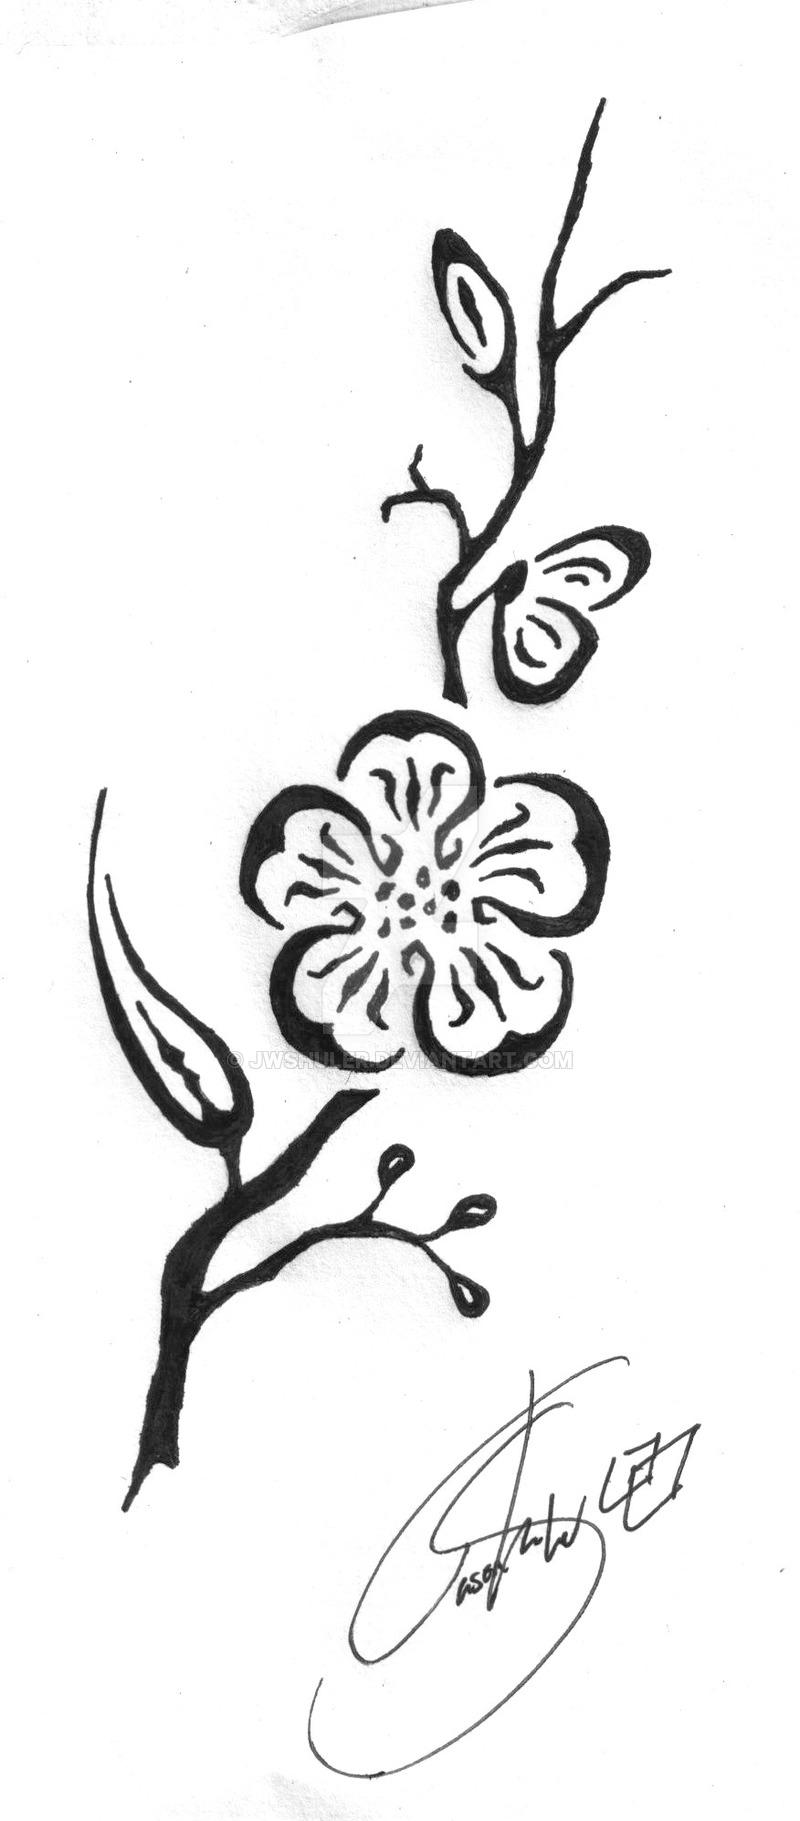 Drawn sakura blossom tribal Cherry by Blossom Cherry Tribal